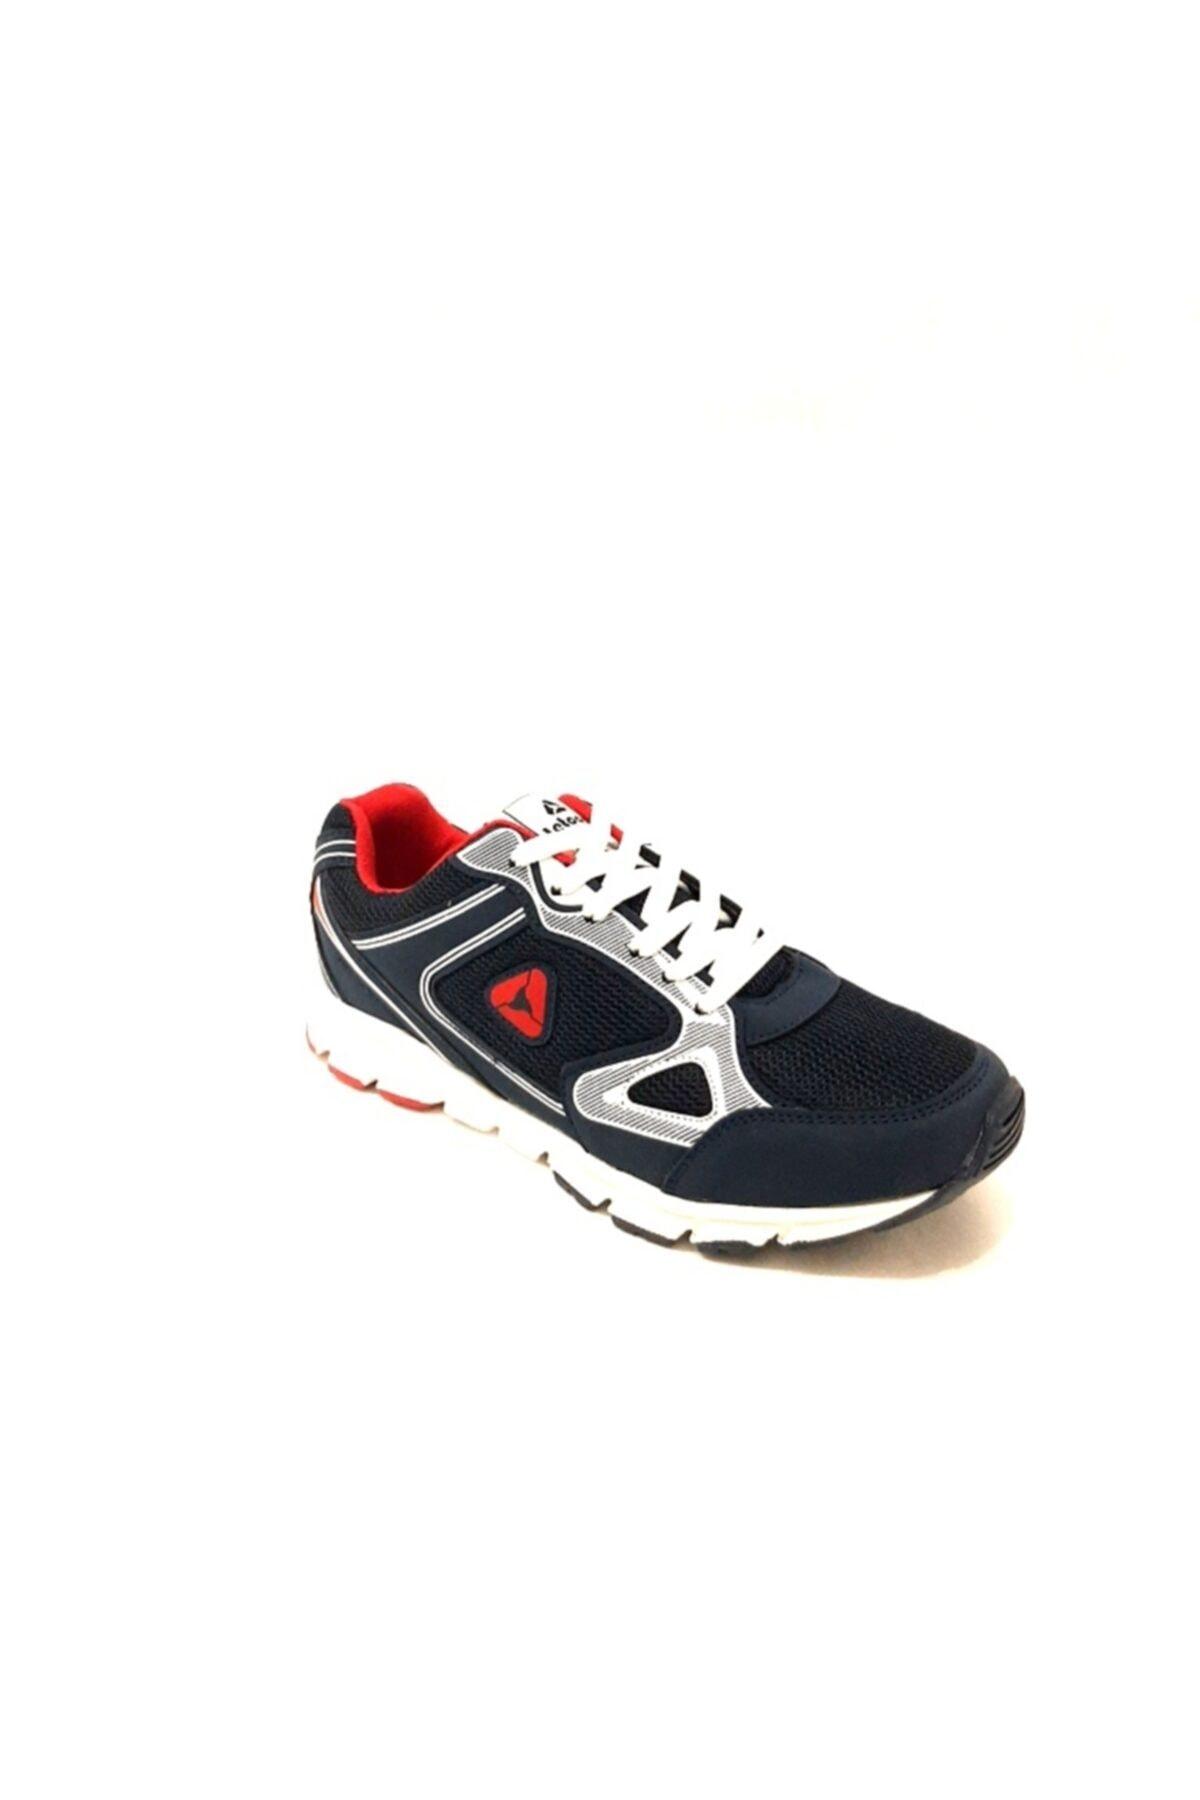 LETOON Antibakteriel Unisex Lacivert Spor Ayakkabı 2